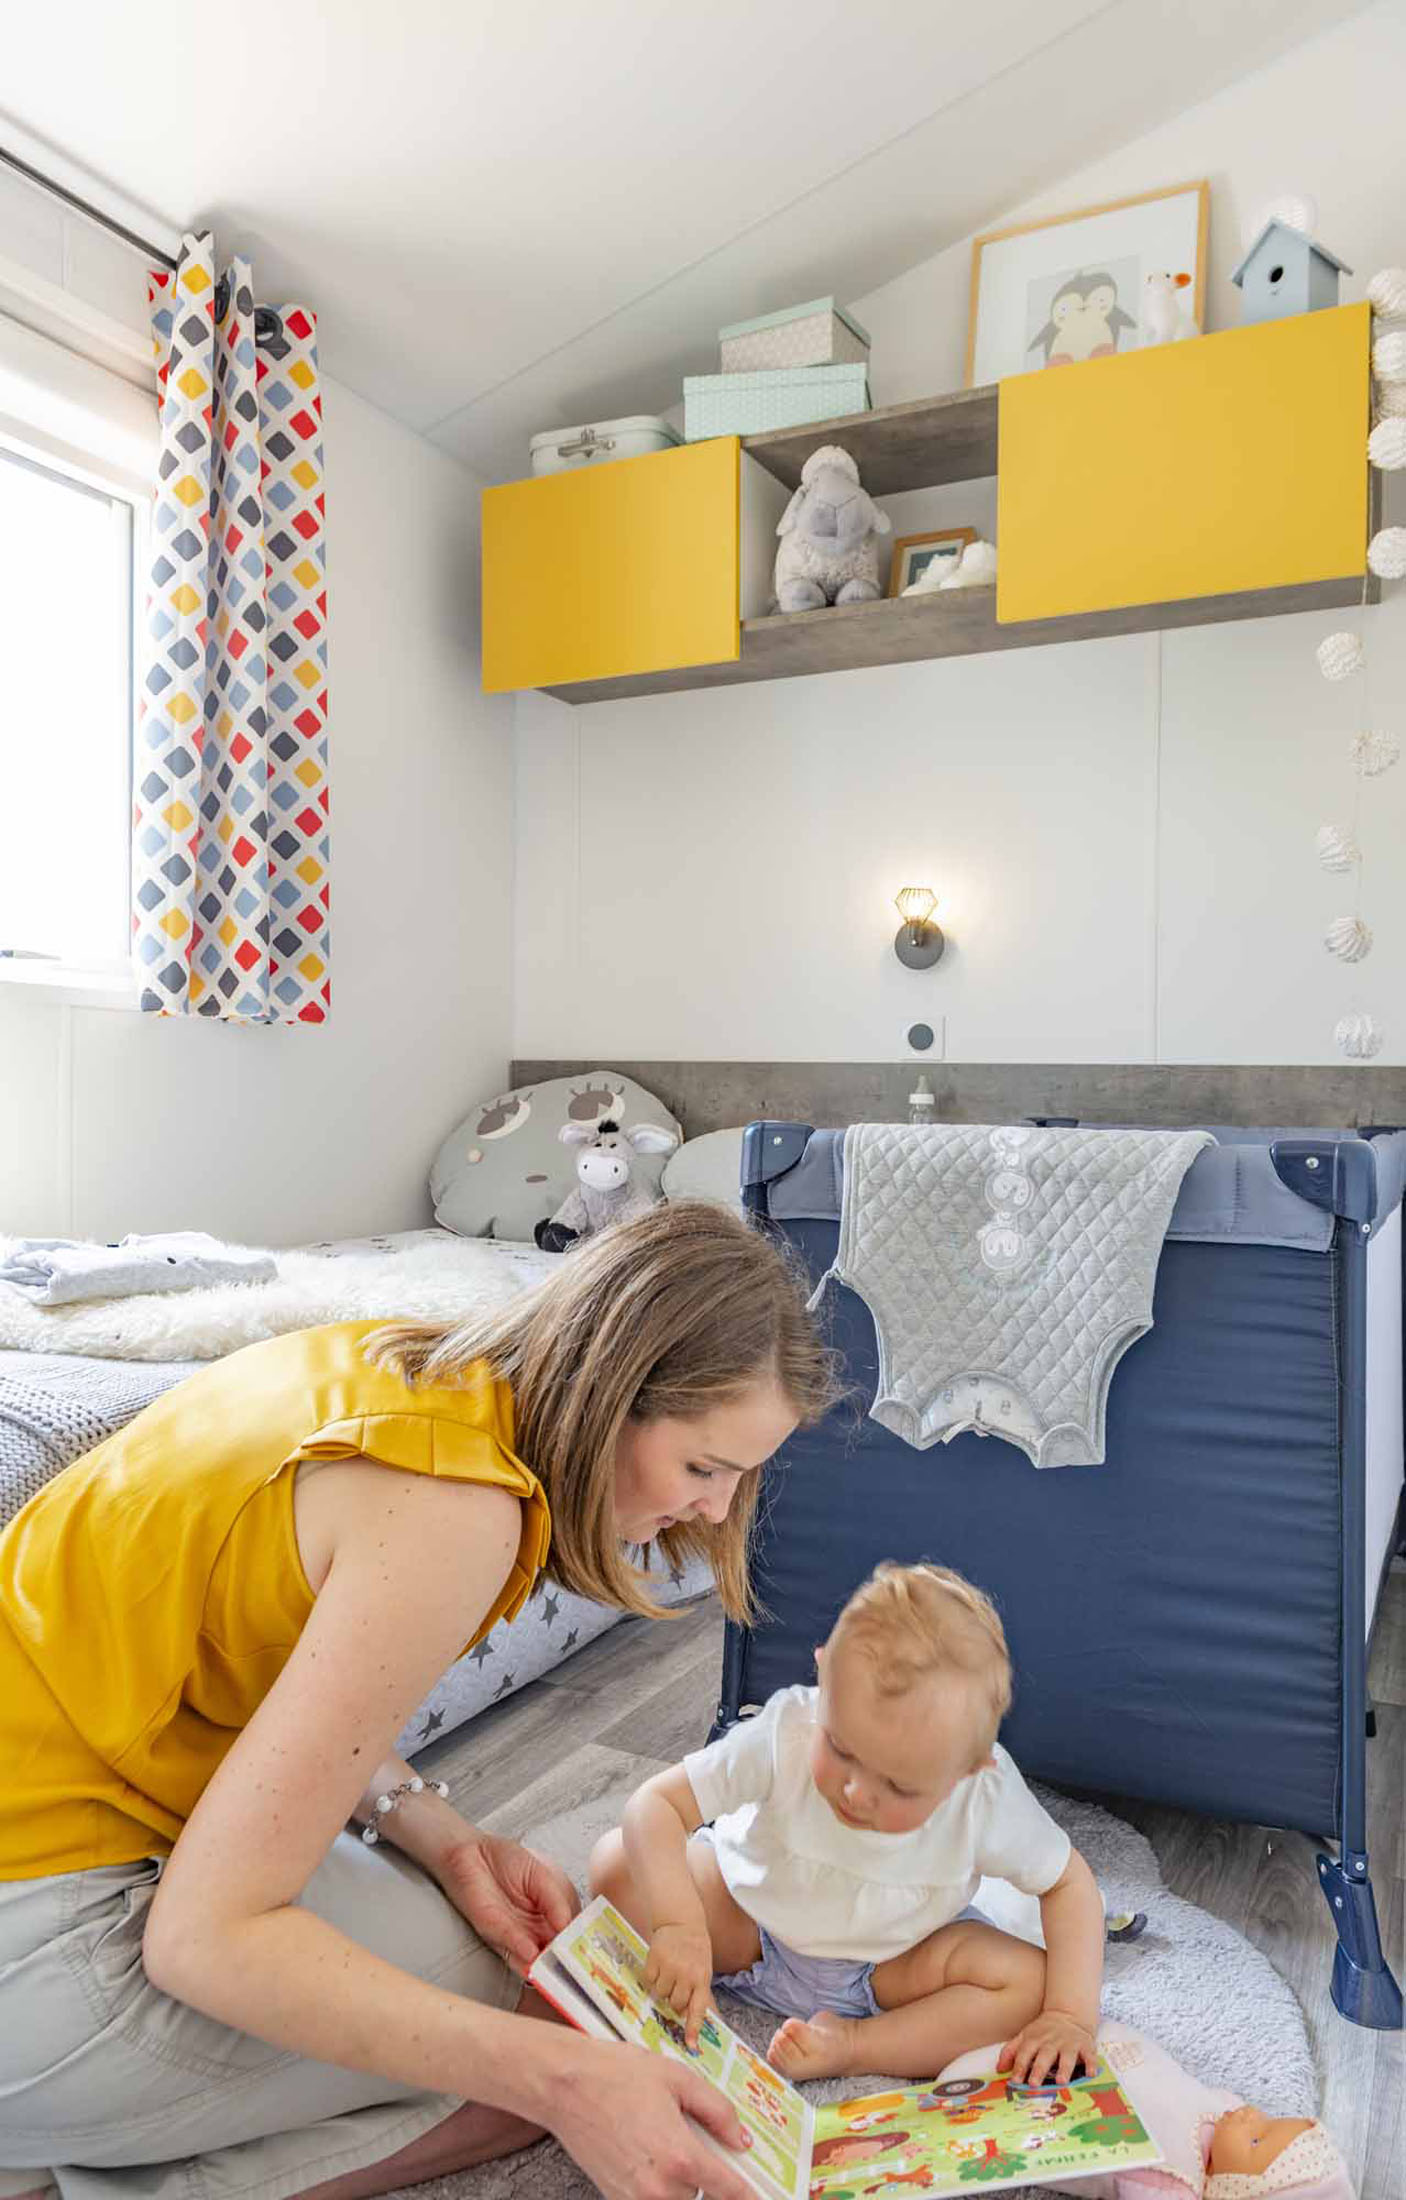 Ambiance d'un instant de vie d'une mamans et son enfant dans une chambre d'un mobil-home